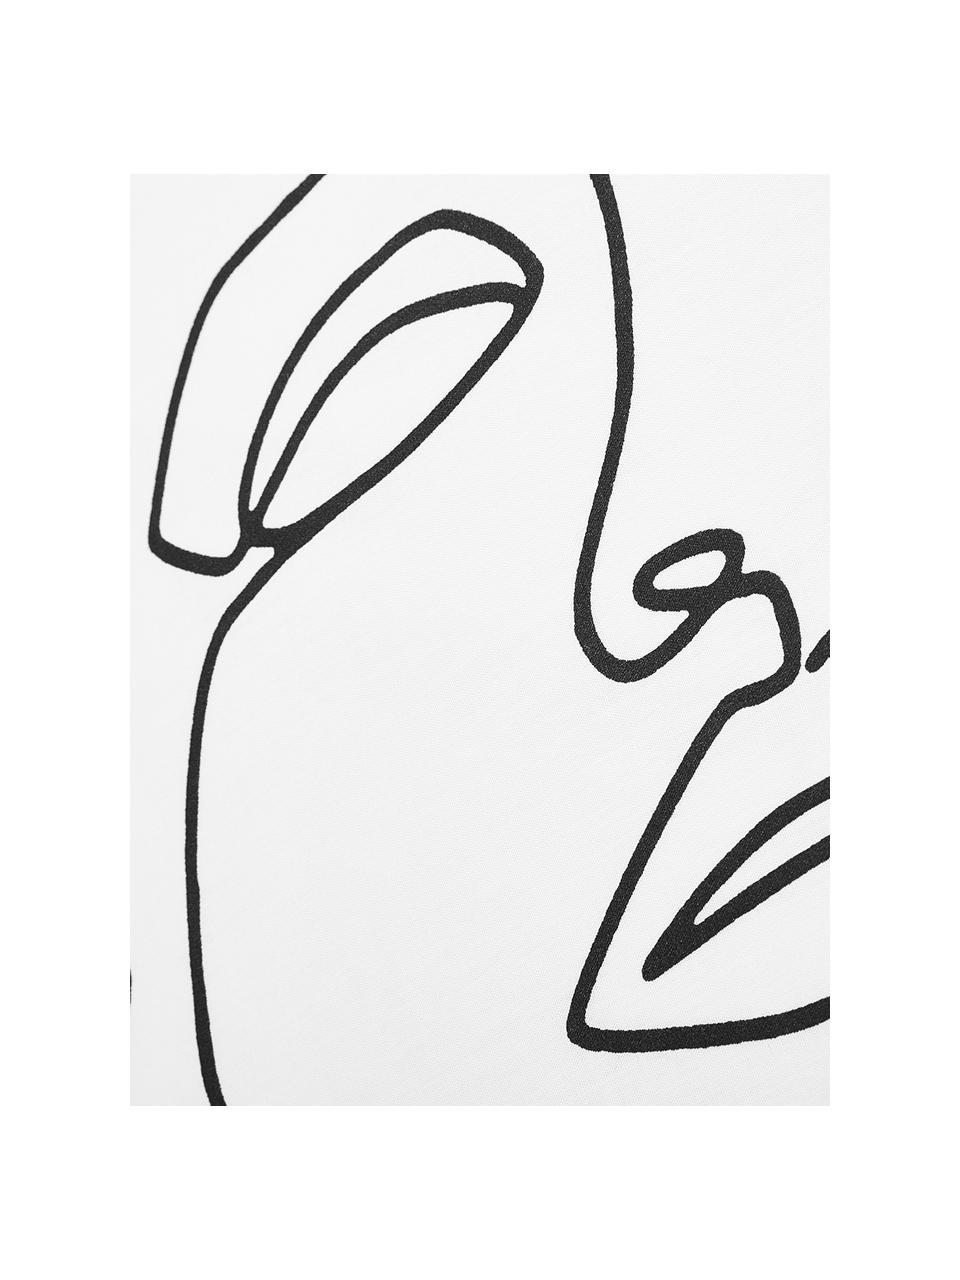 Perkálové povlečení skresbou Aria, Bílá, černá